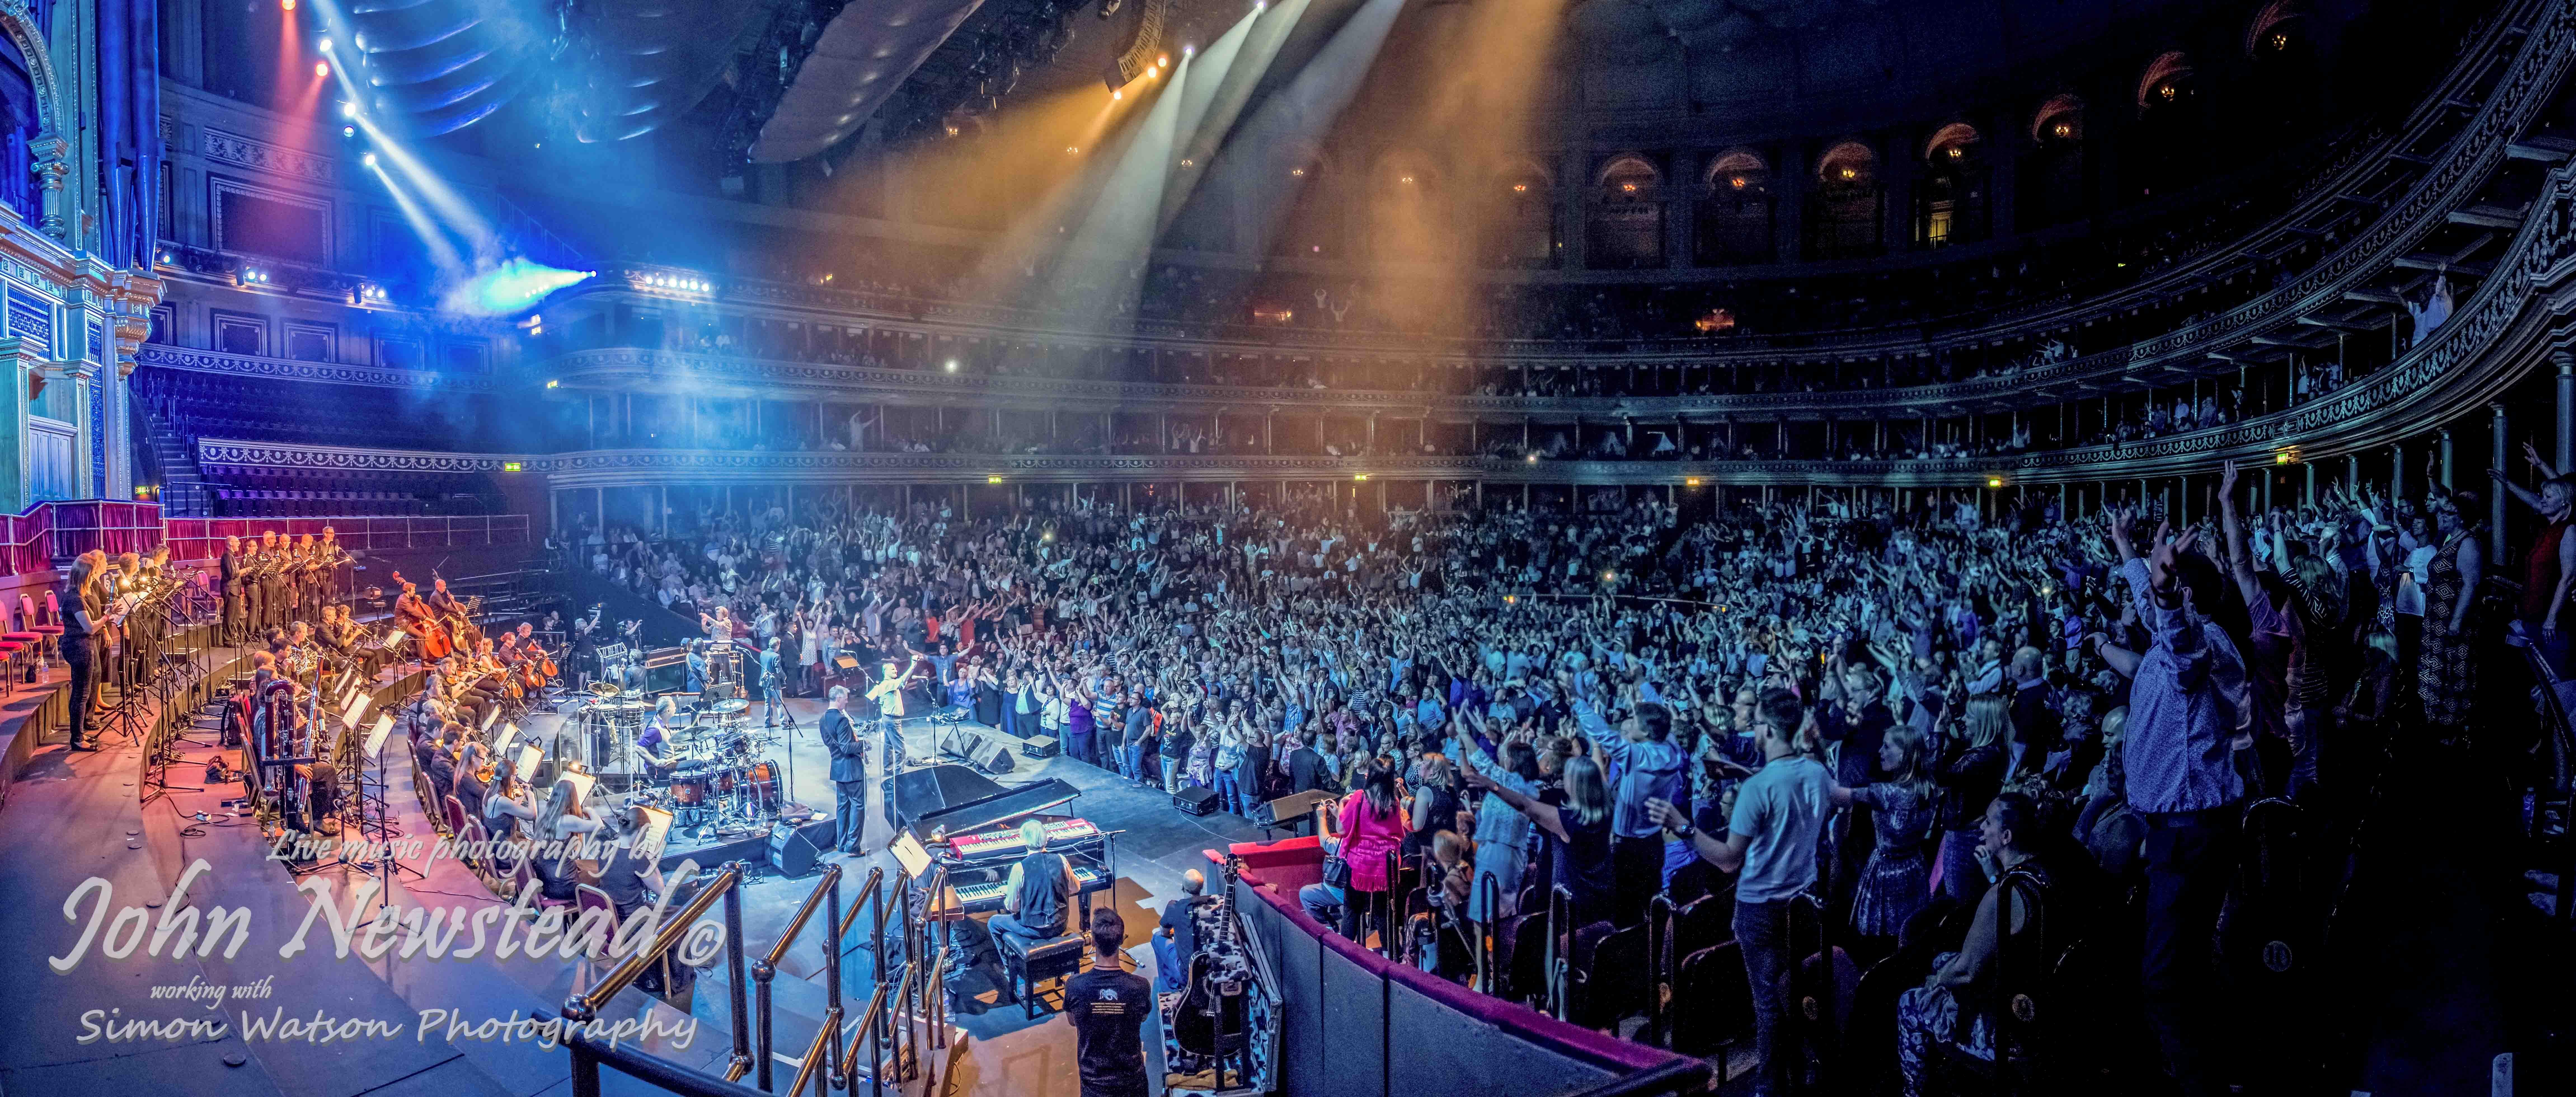 Royal Albert Hall 2014